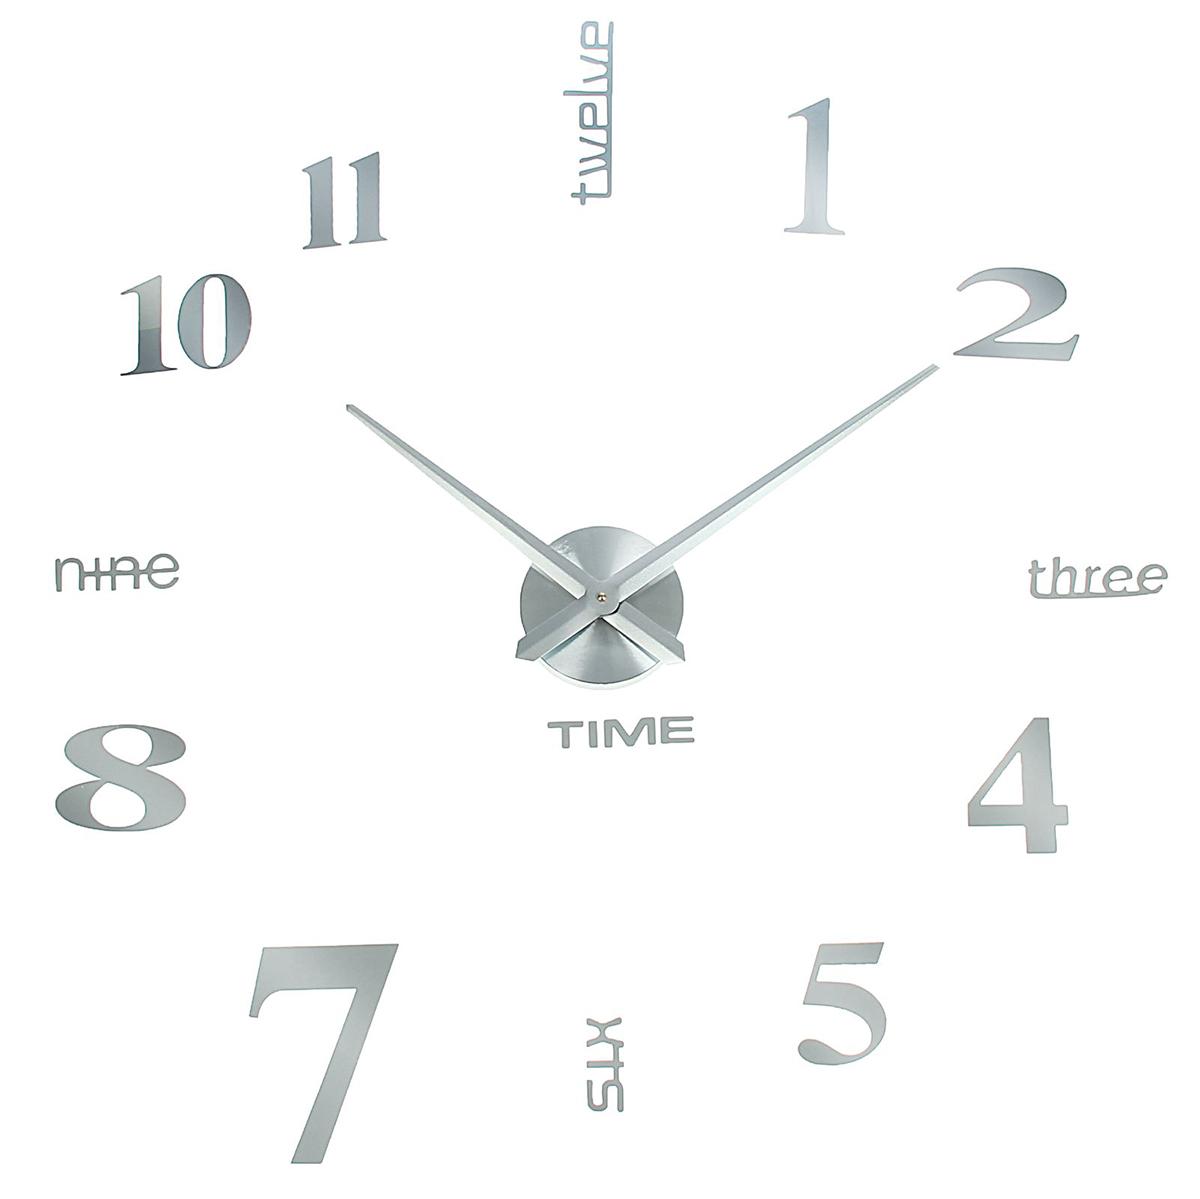 Часы-наклейка настенные DIY Объем модерн, цвет: серебро, 120 см1306699Каждому хозяину периодически приходит мысль обновить свою квартиру, сделать ремонт, перестановку или кардинально поменять внешний вид каждой комнаты. Часы-наклейка DIY Объем модерн, d=120 см, серебристые — привлекательная деталь, которая поможет воплотить вашу интерьерную идею, создать неповторимую атмосферу в вашем доме. Окружите себя приятными мелочами, пусть они радуют глаз и дарят гармонию.Часы-наклейка DIY Объём модерн, серебро, 120см 1306699